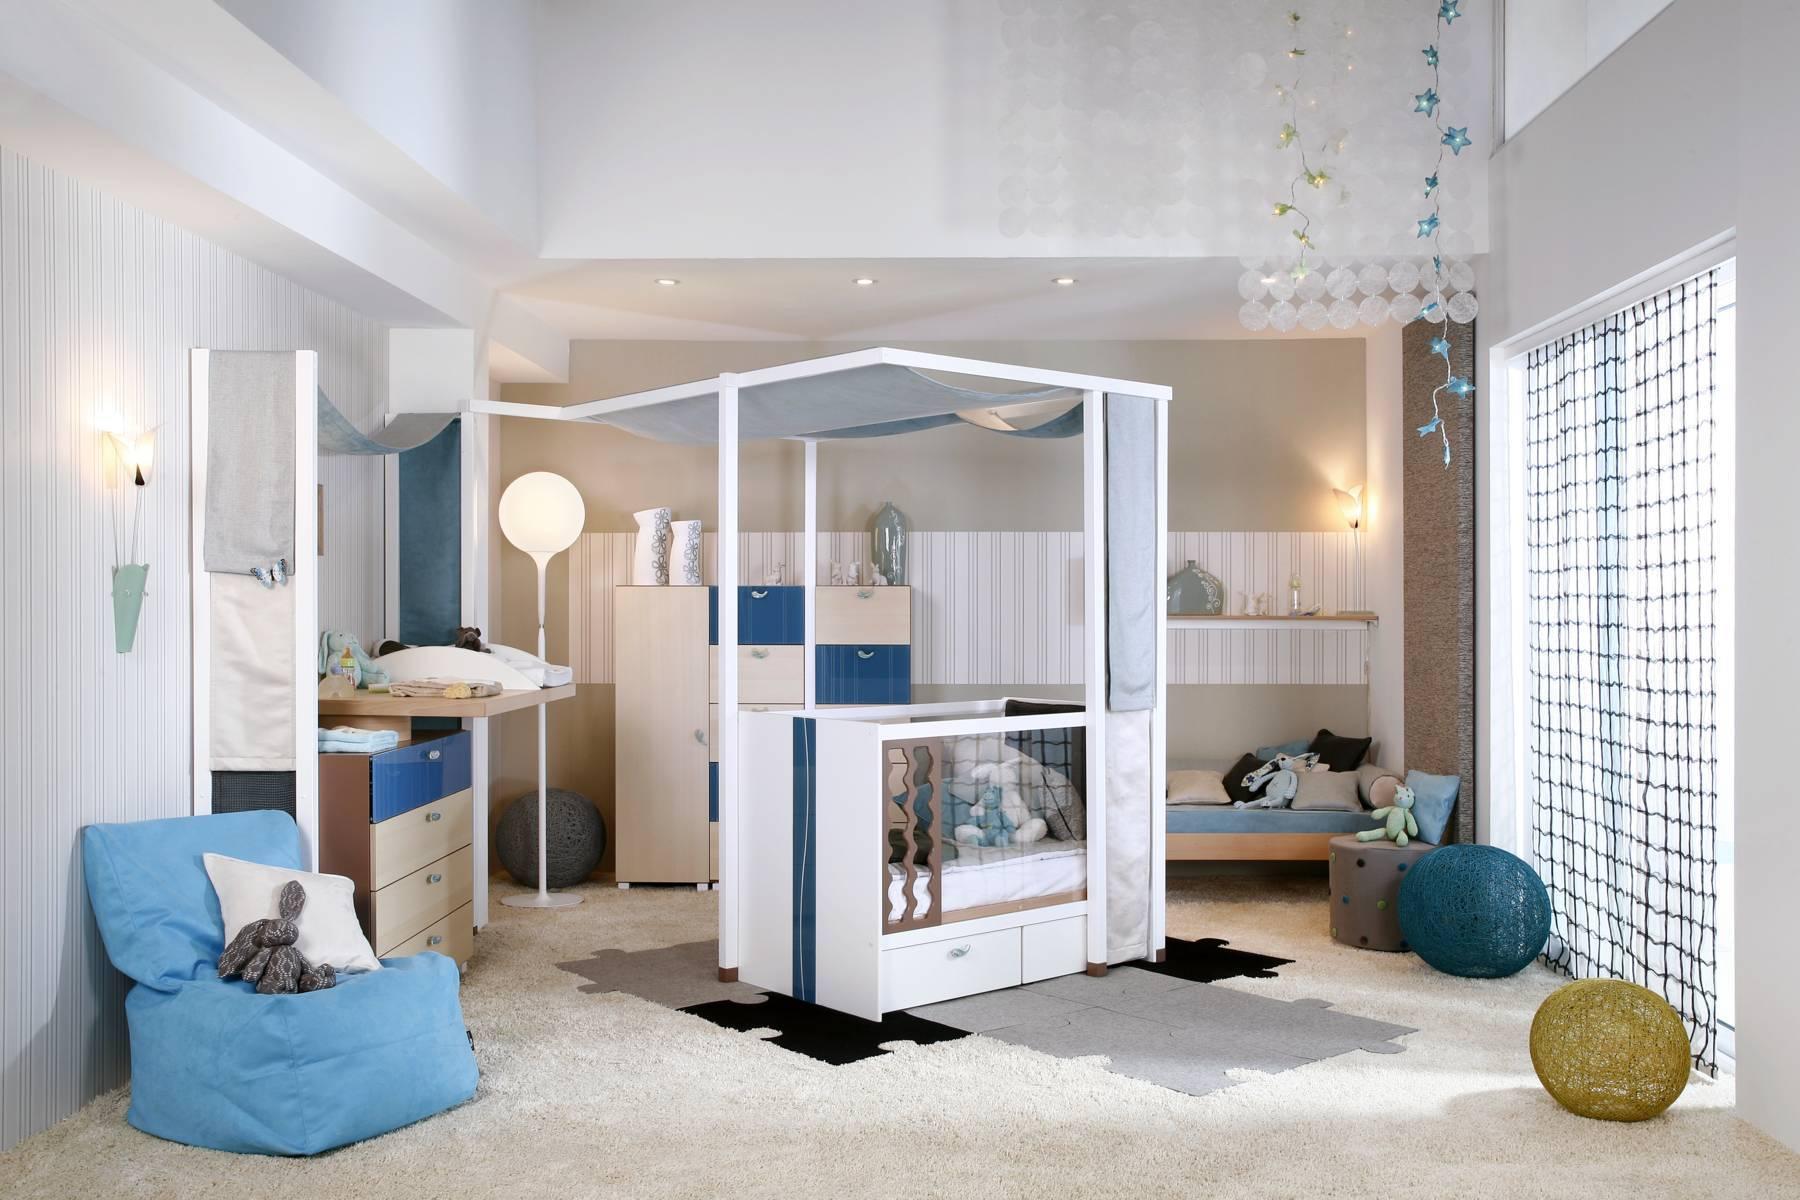 Camere Da Letto Ragazze Moderne : Camere da letto per ragazze moderne. ecco alcuni esempi di camere